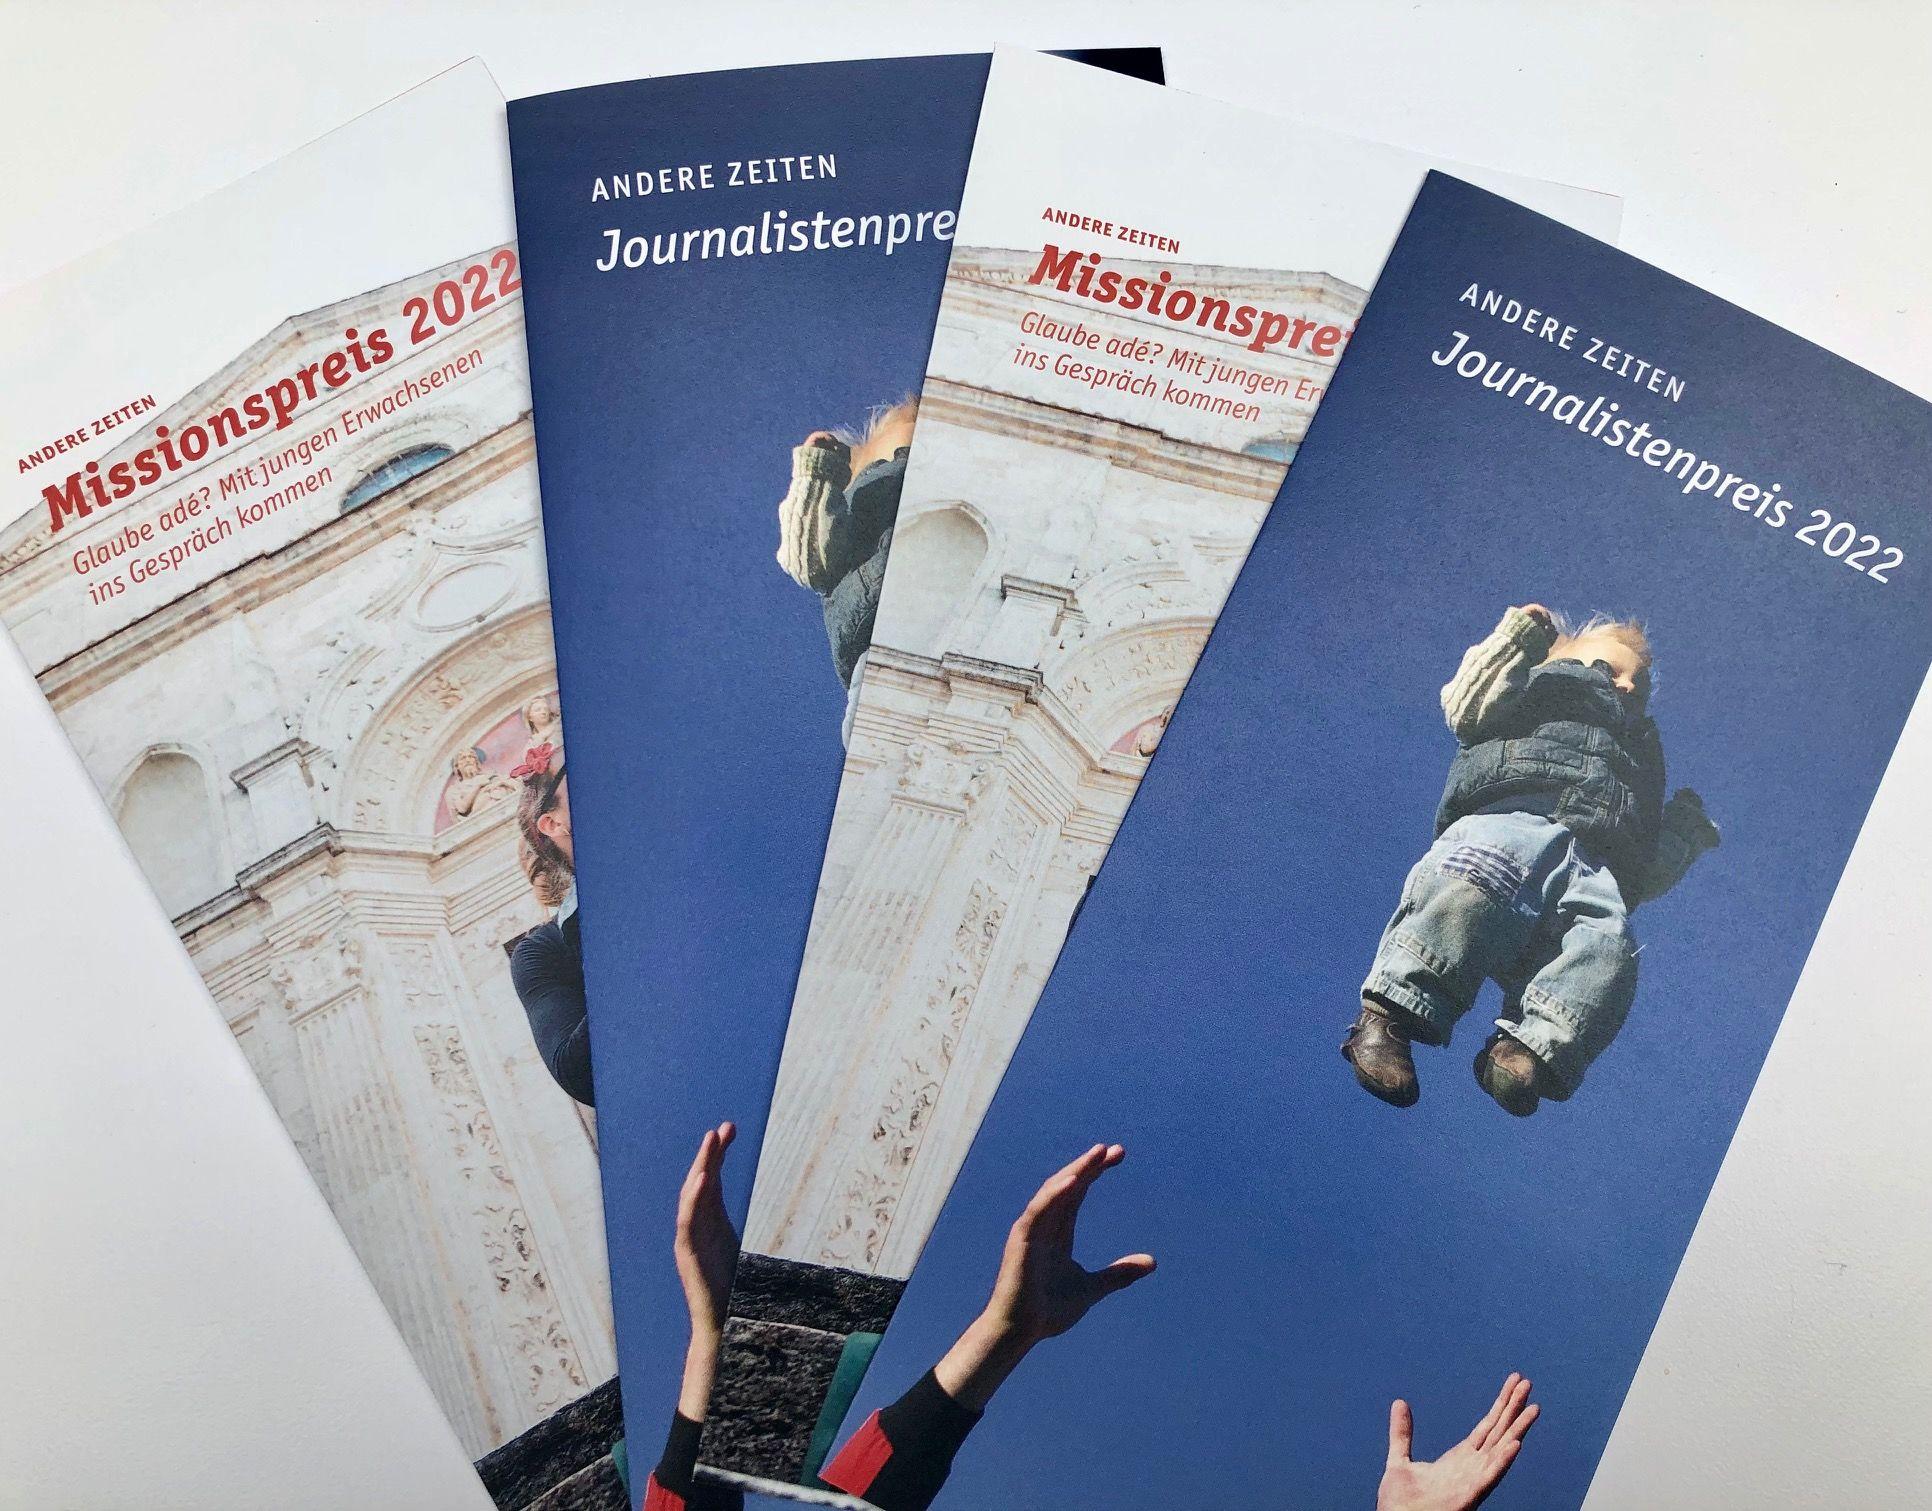 Die Titelfotos der Flyer für den Missionspreis und den Journalistenpreis auf weißem Untergrund.